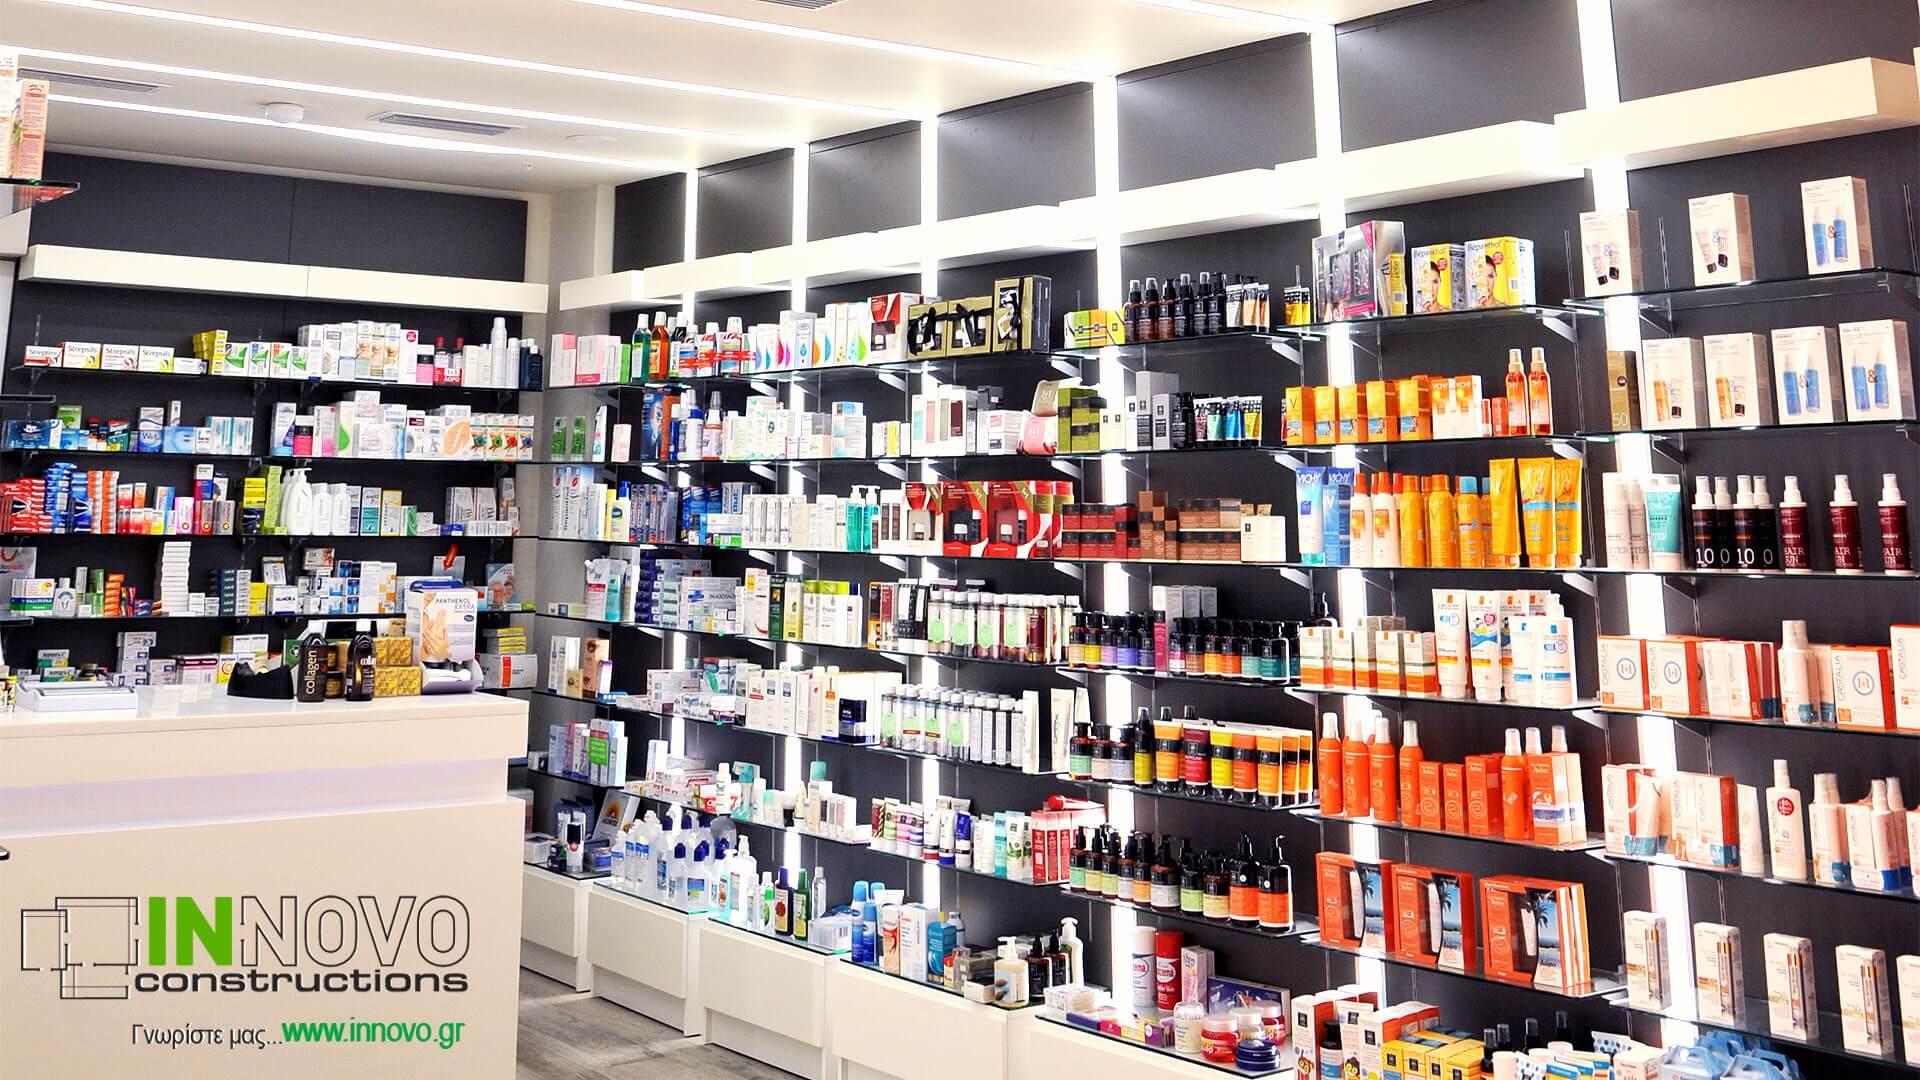 Κατασκευή φαρμακείου πλατεία Μαβίλης